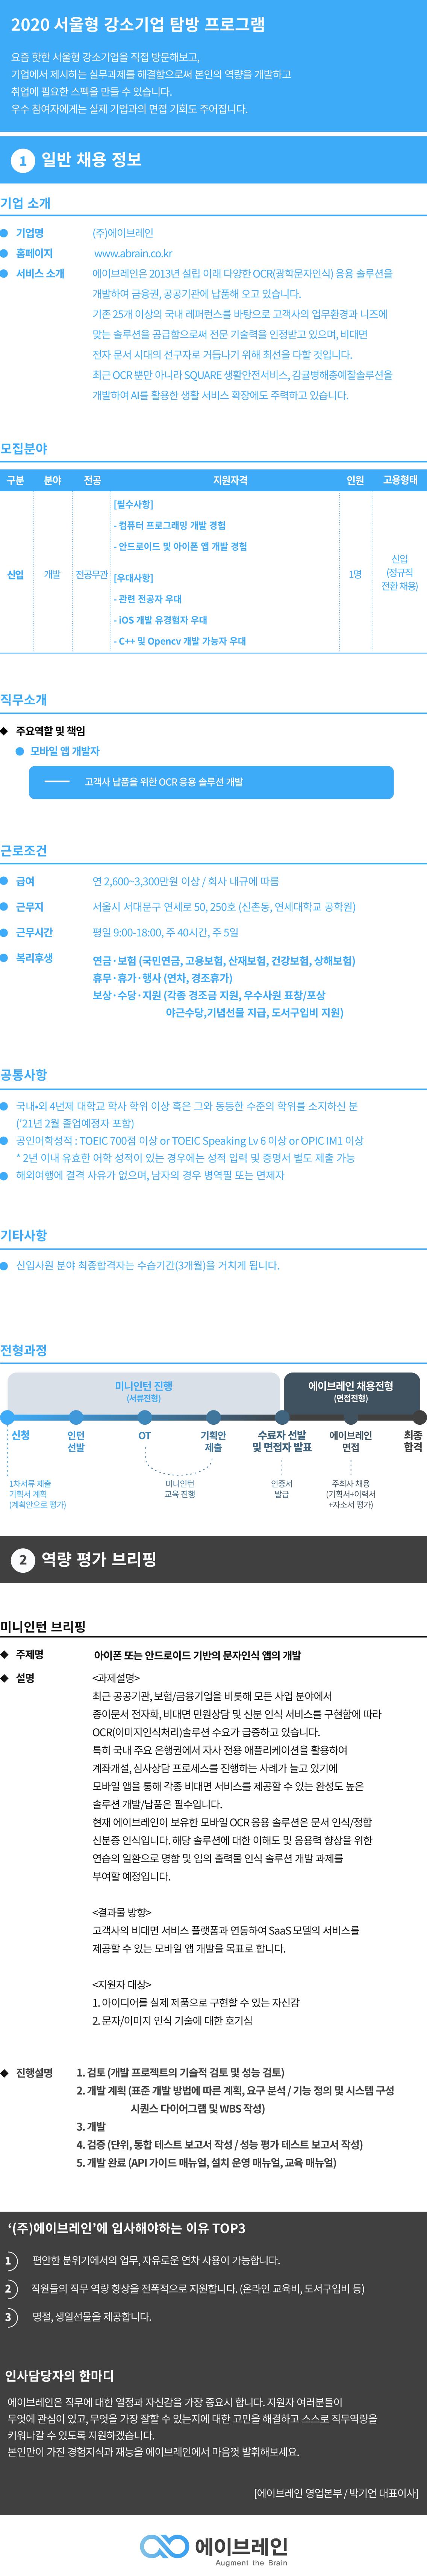 미니인턴_채용형-포스터_에이브레인_민호(2).png